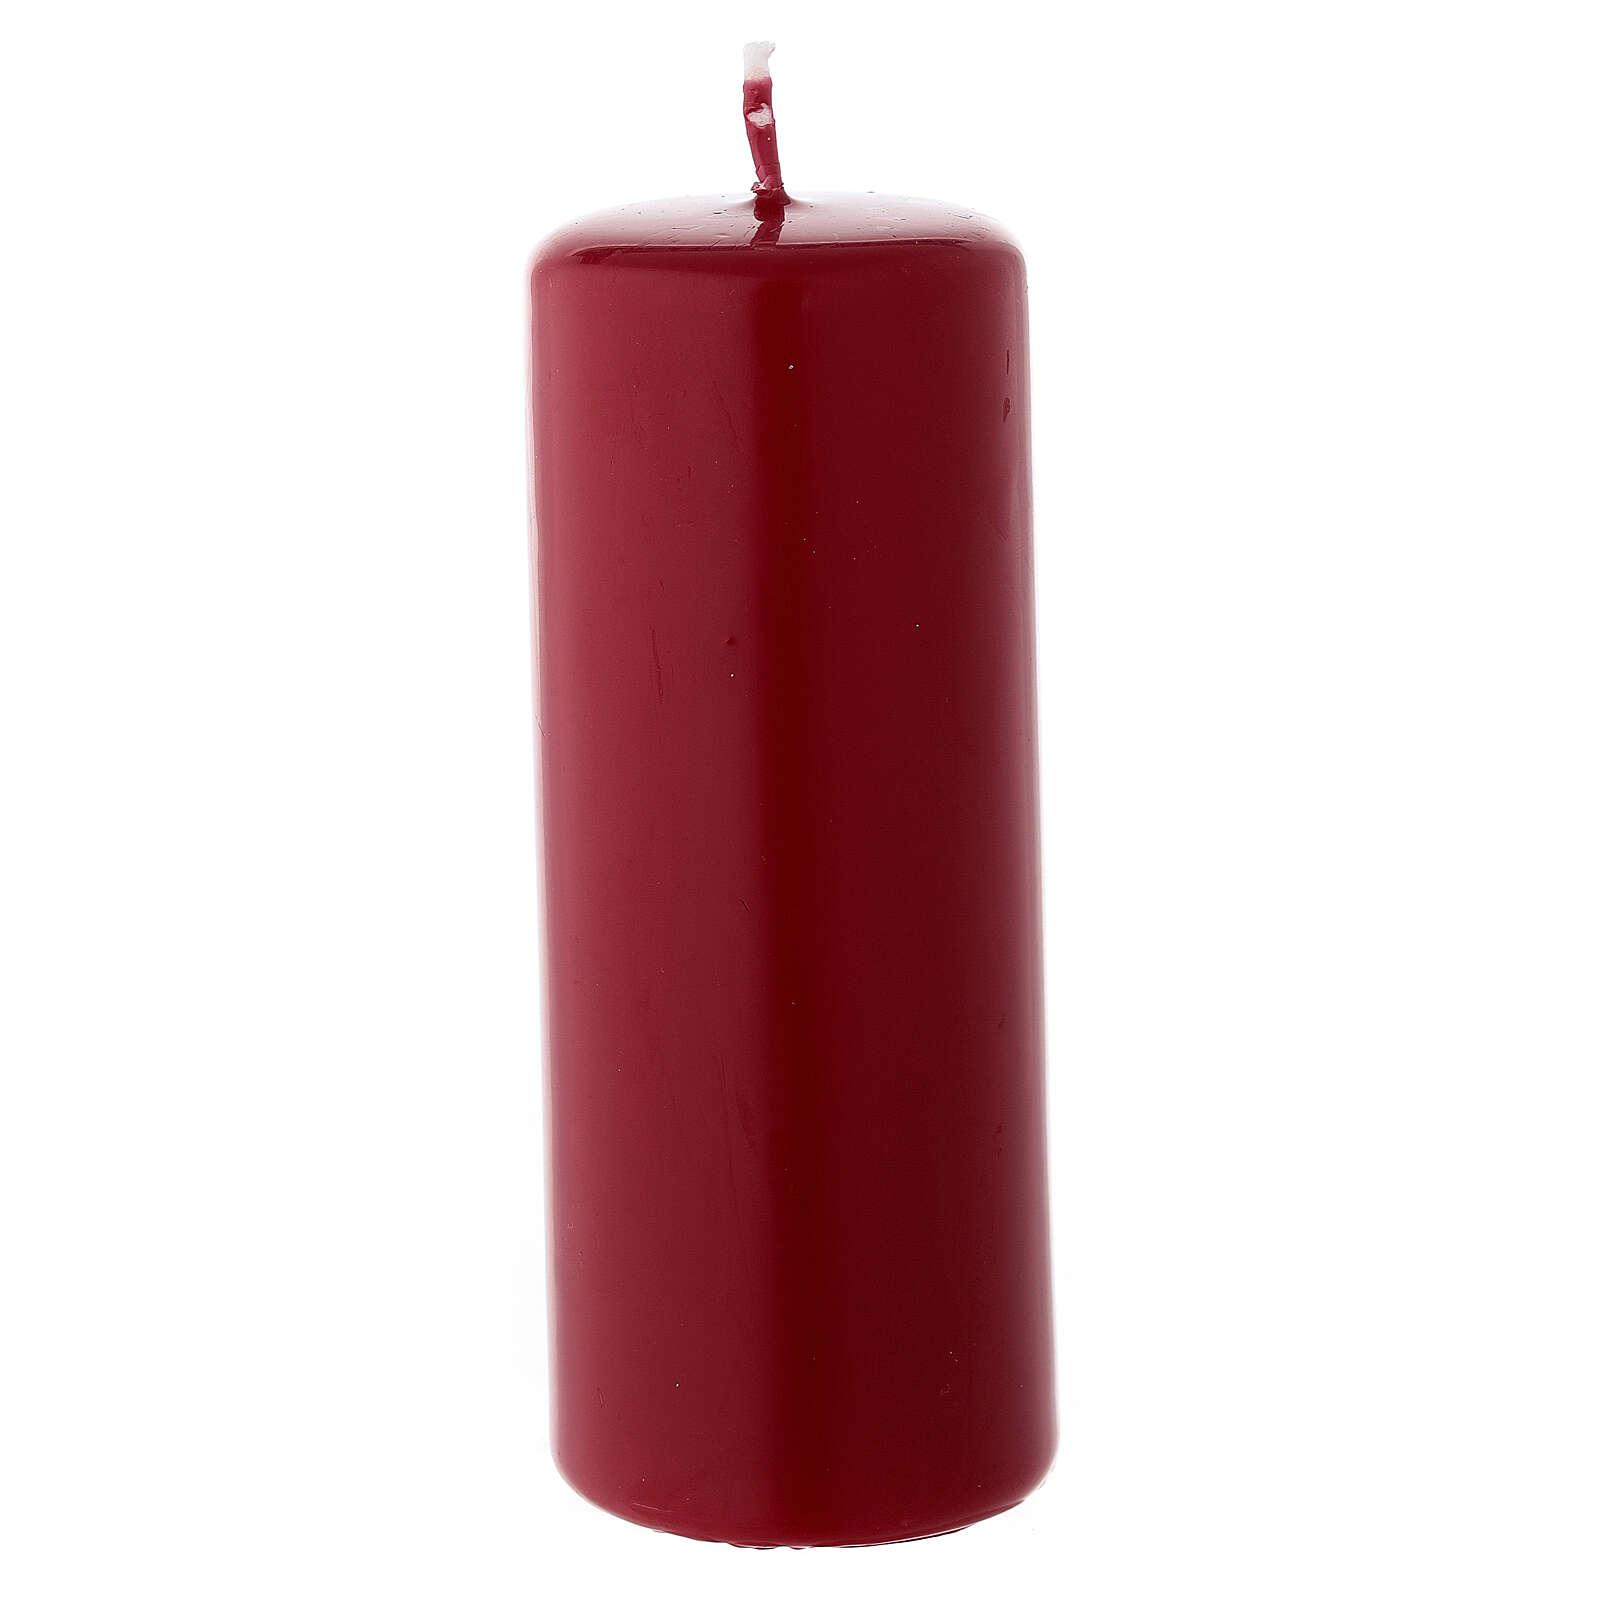 Rote Weihnachtskerze Siegelwachs Zylinderform, 130x50 mm 3